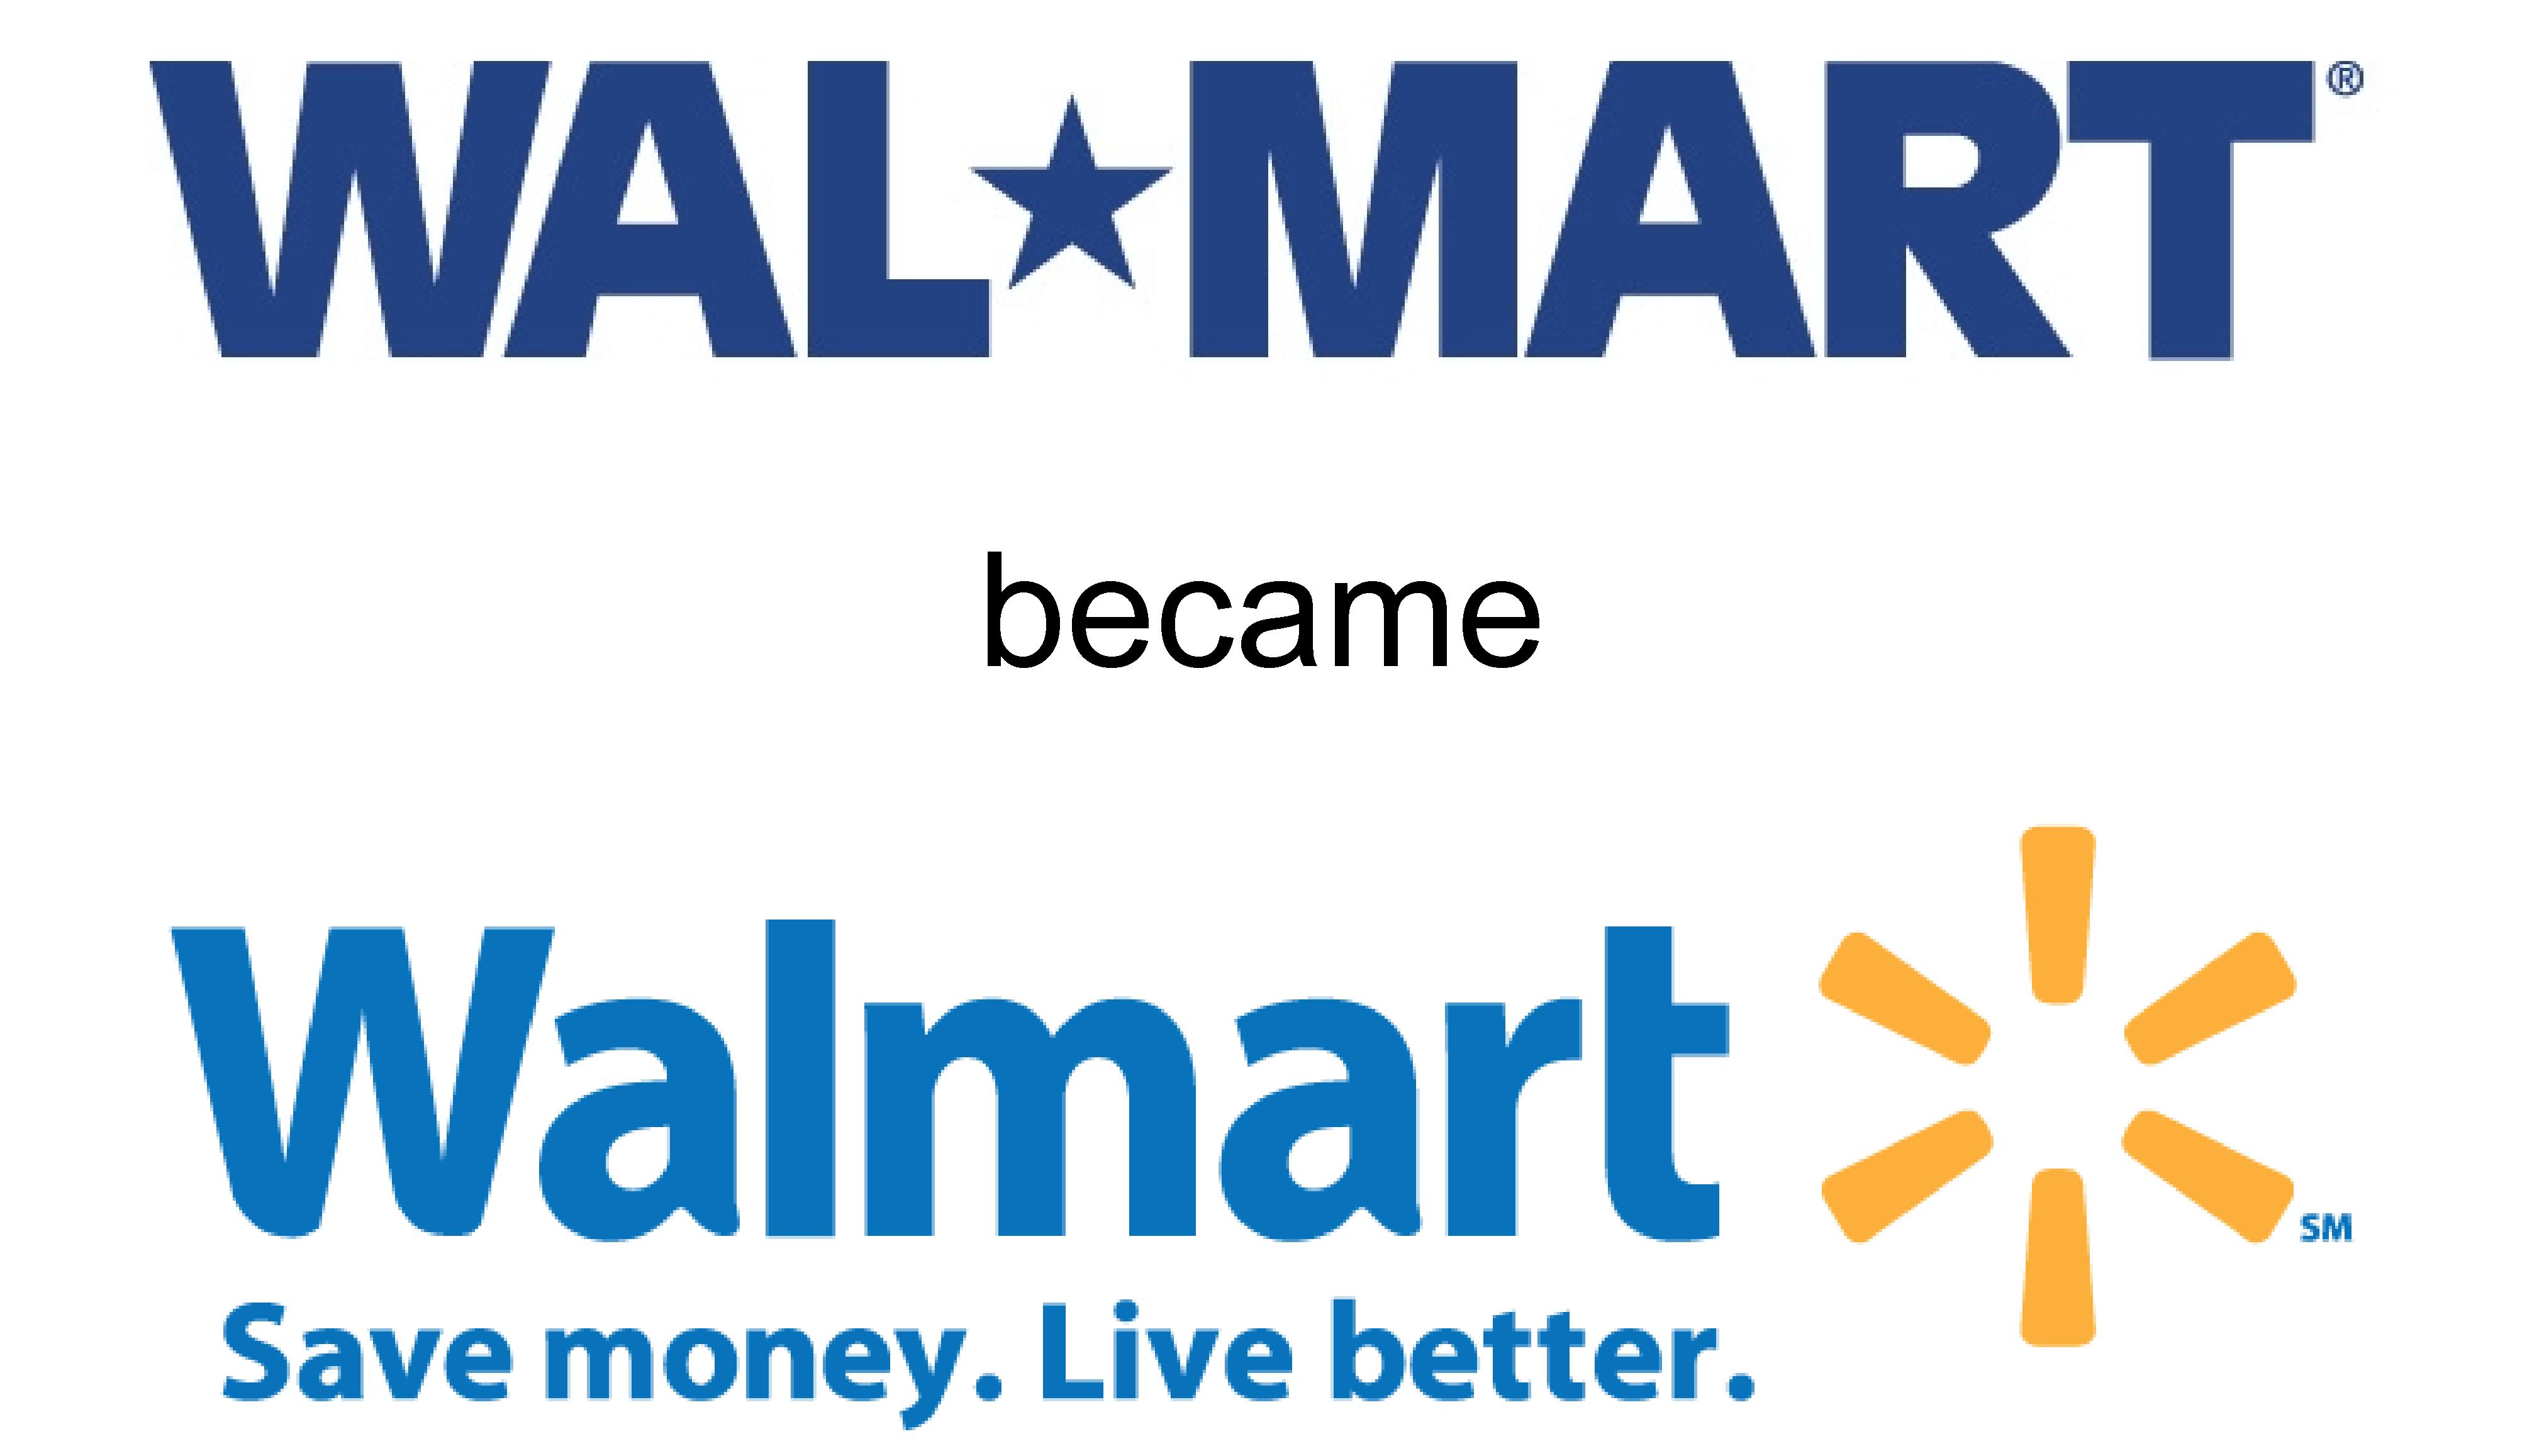 Walmart Clipart No Background.